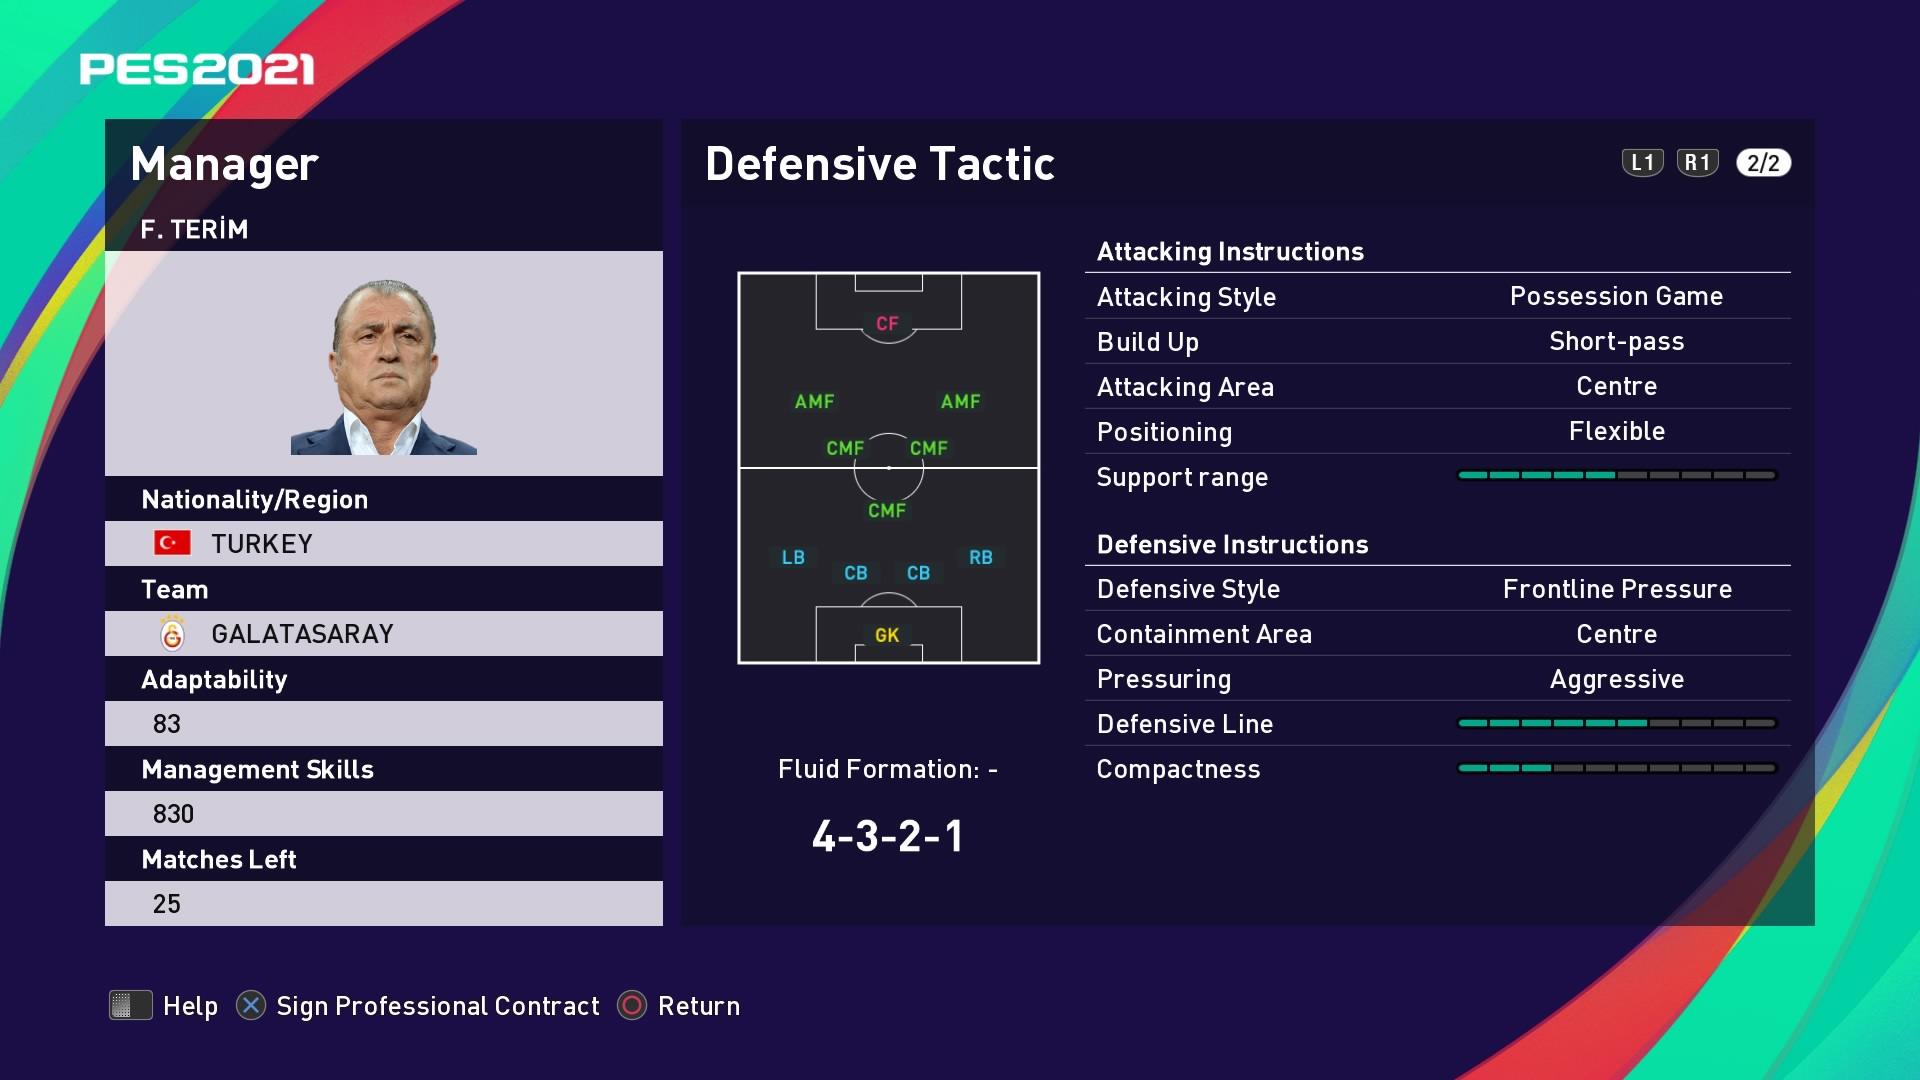 F. Terim (2) (Fatih Terim) Defensive Tactic in PES 2021 myClub